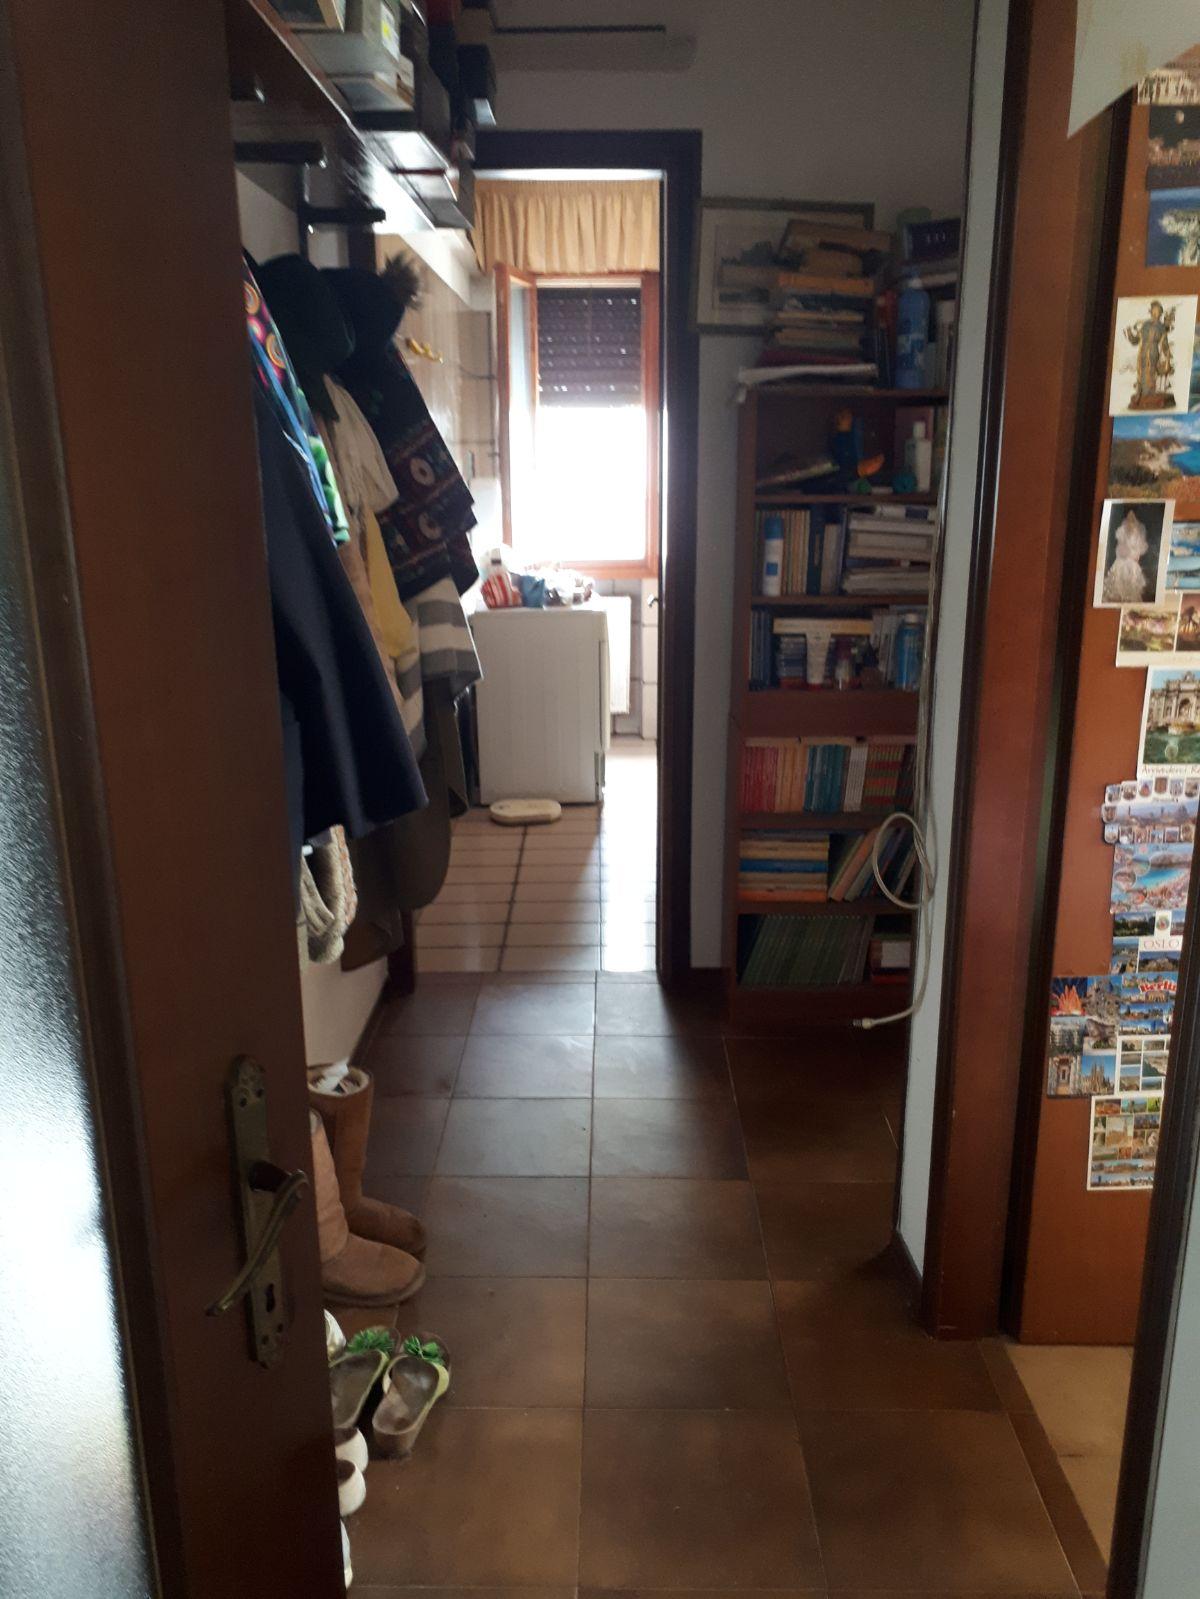 corridio con scaffale e vista su lavatrice